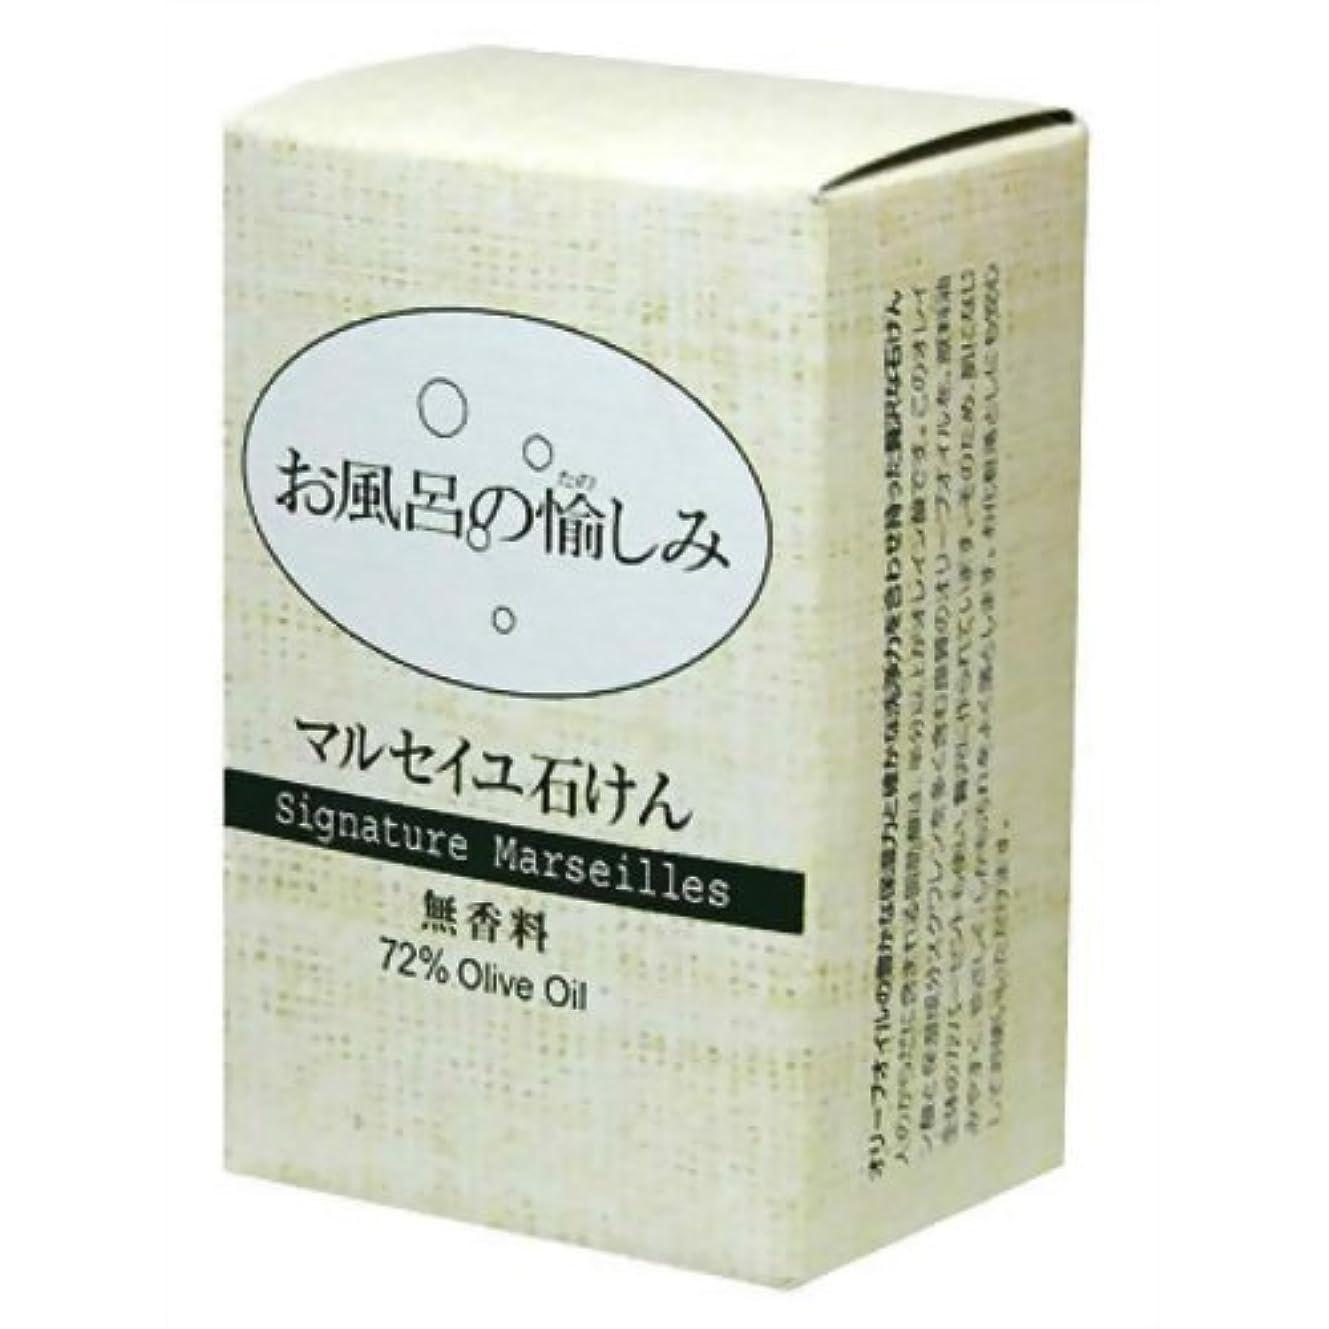 道徳詐欺師未来お風呂の愉しみ マルセイユ石鹸 (無香料)